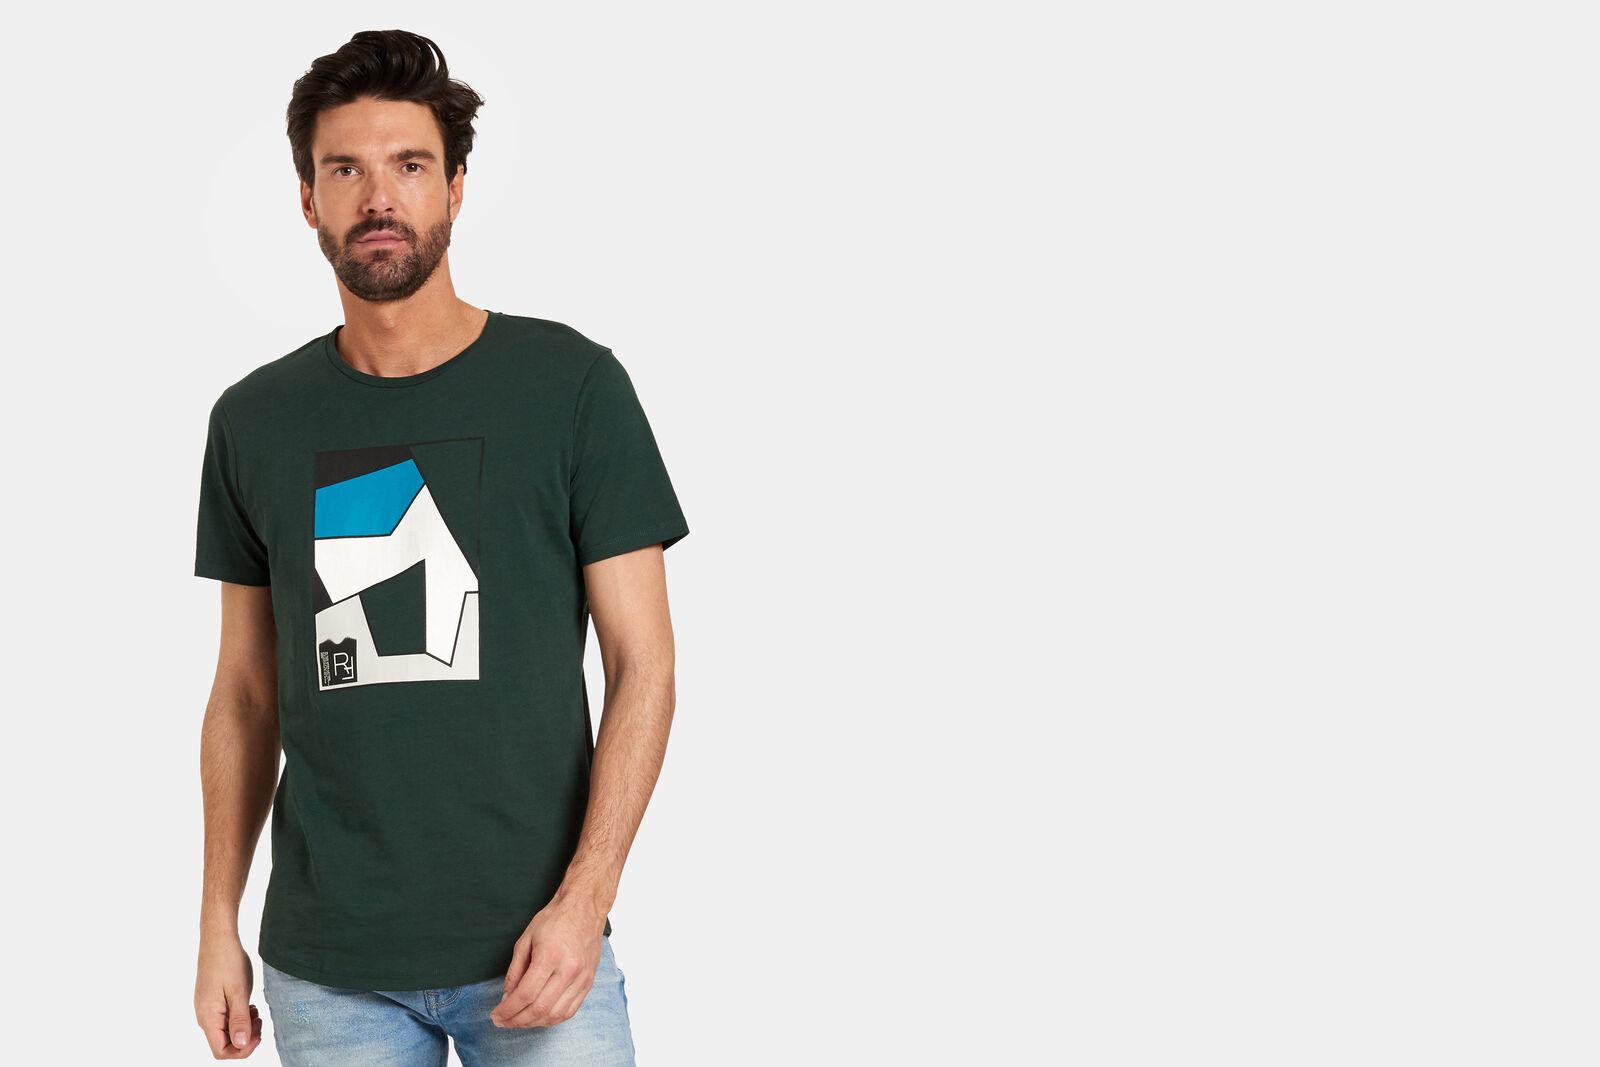 Taim T-shirt